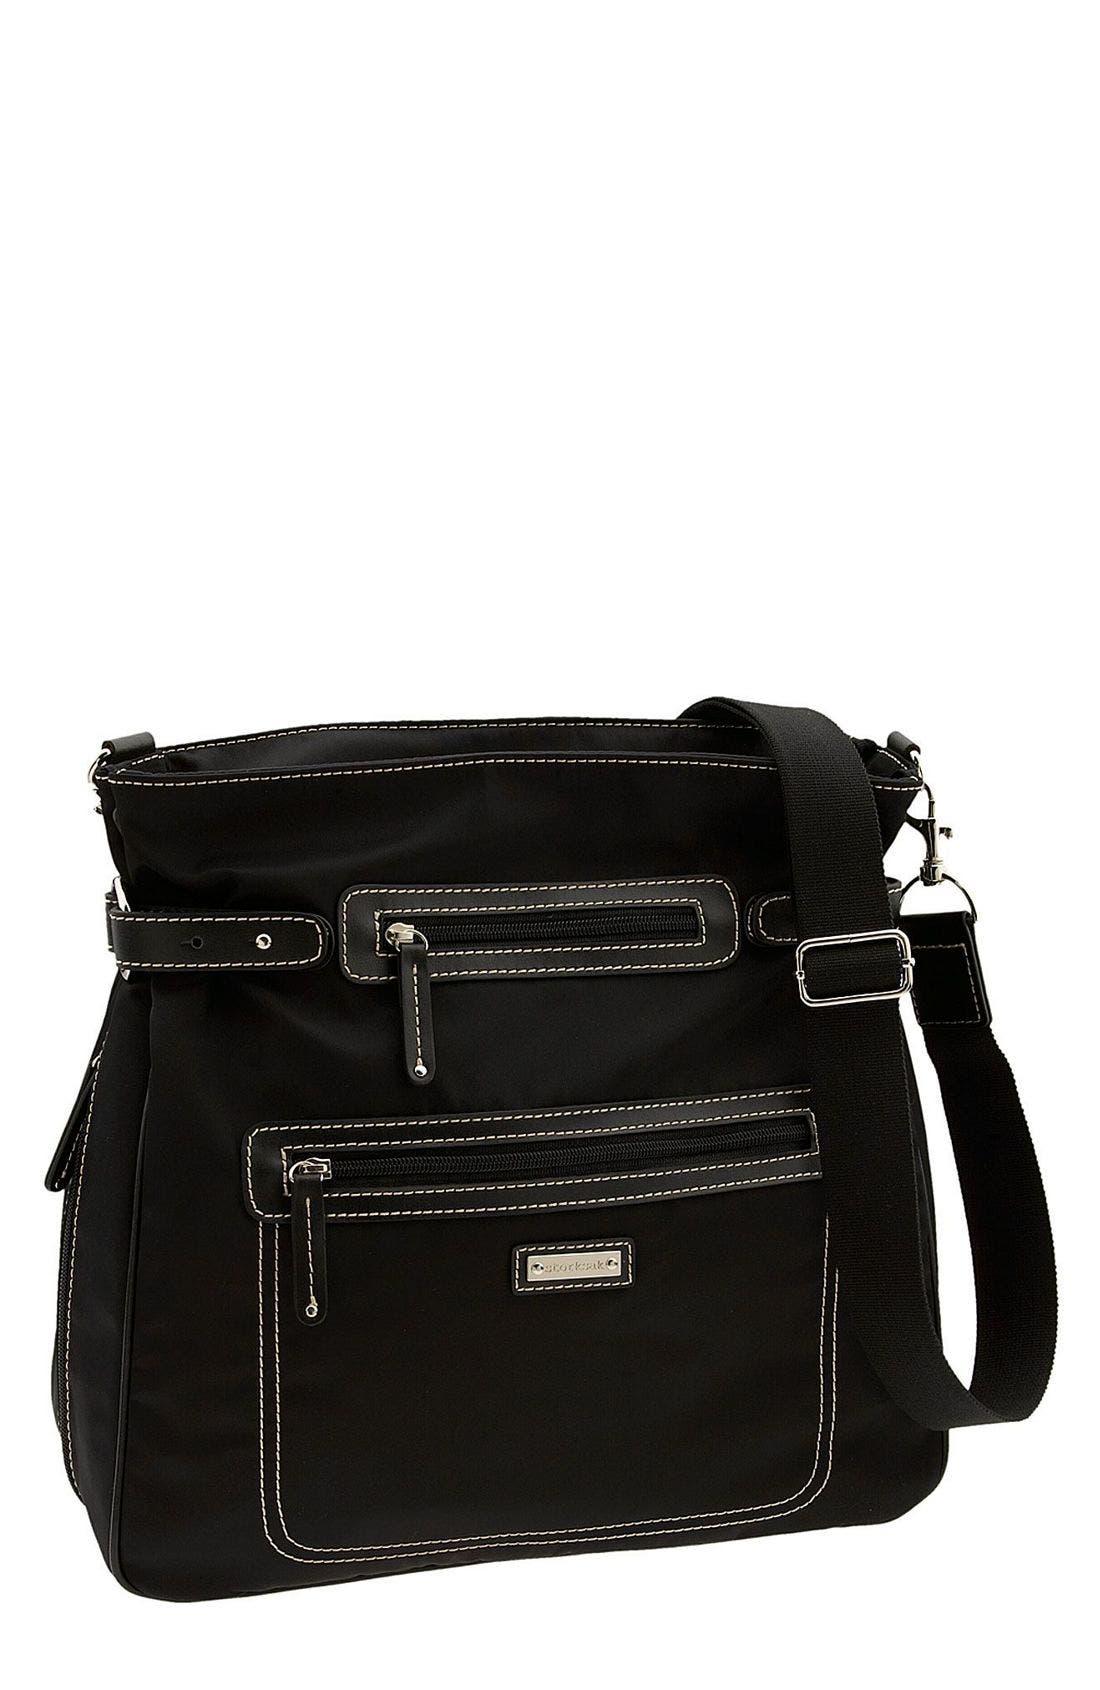 Main Image - Storksak Convertible Diaper Bag